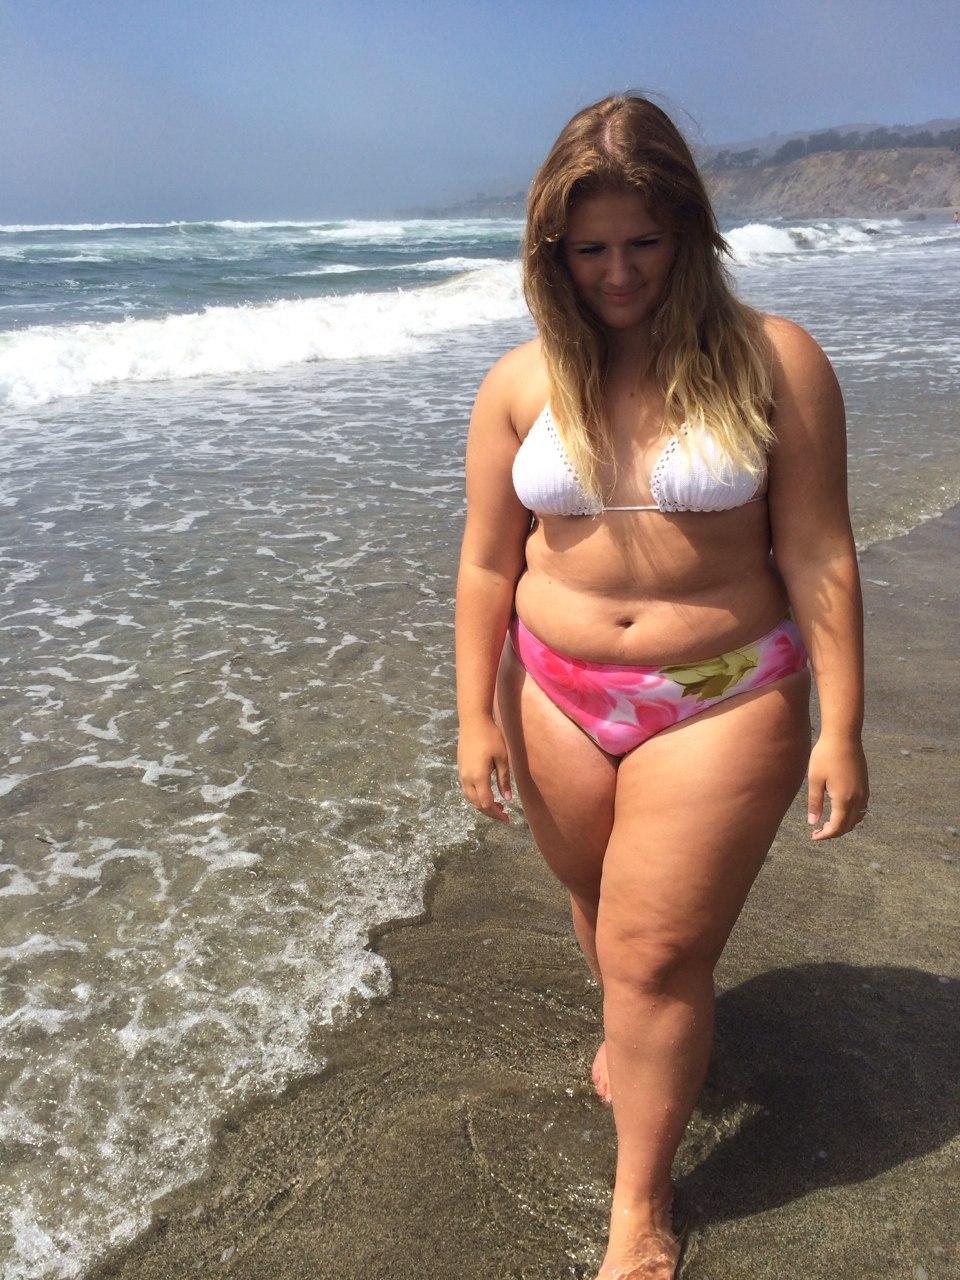 In girl bikini chubby